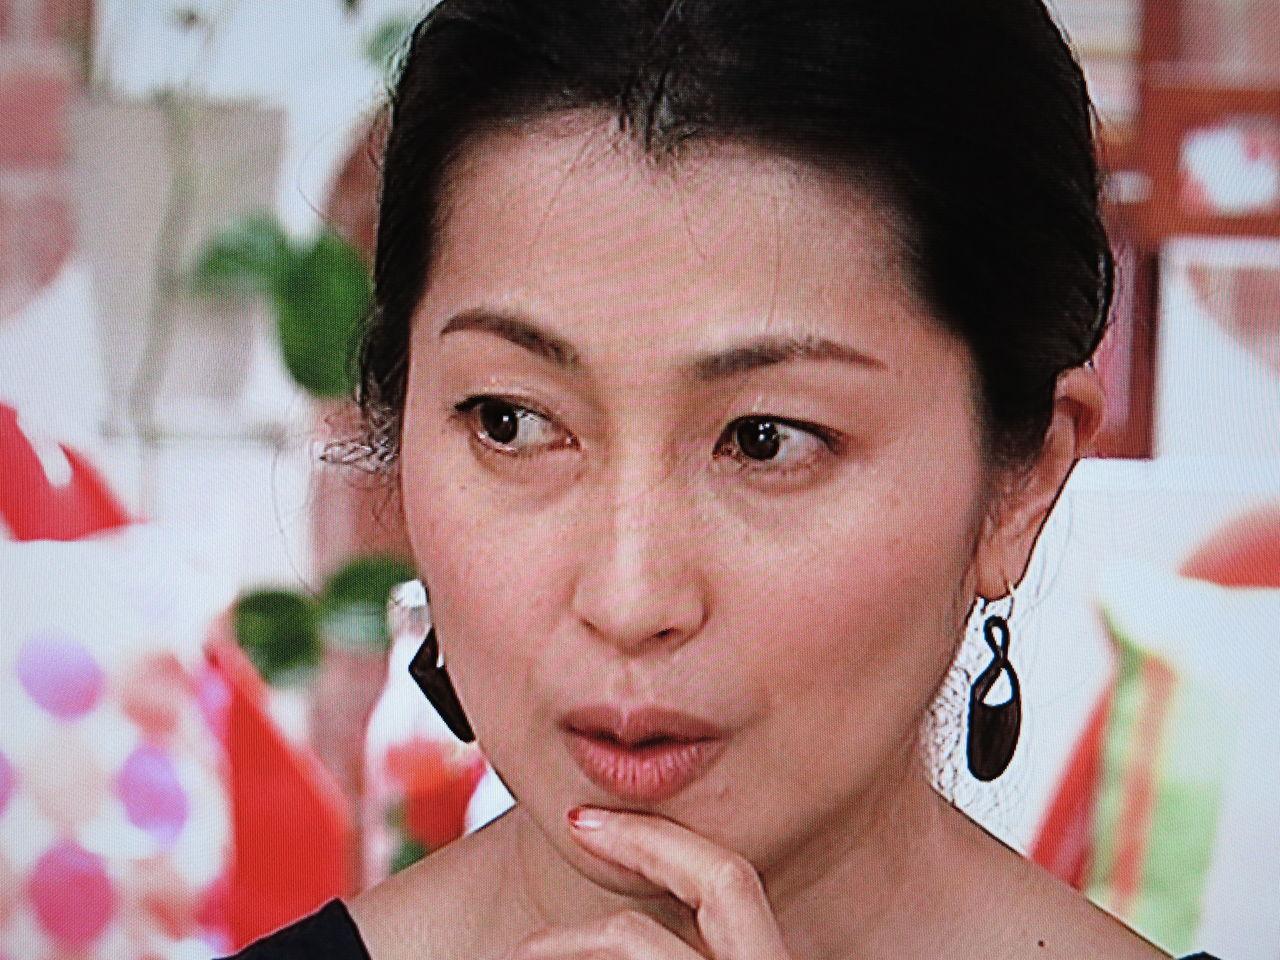 鶴田真由さんの画像その8